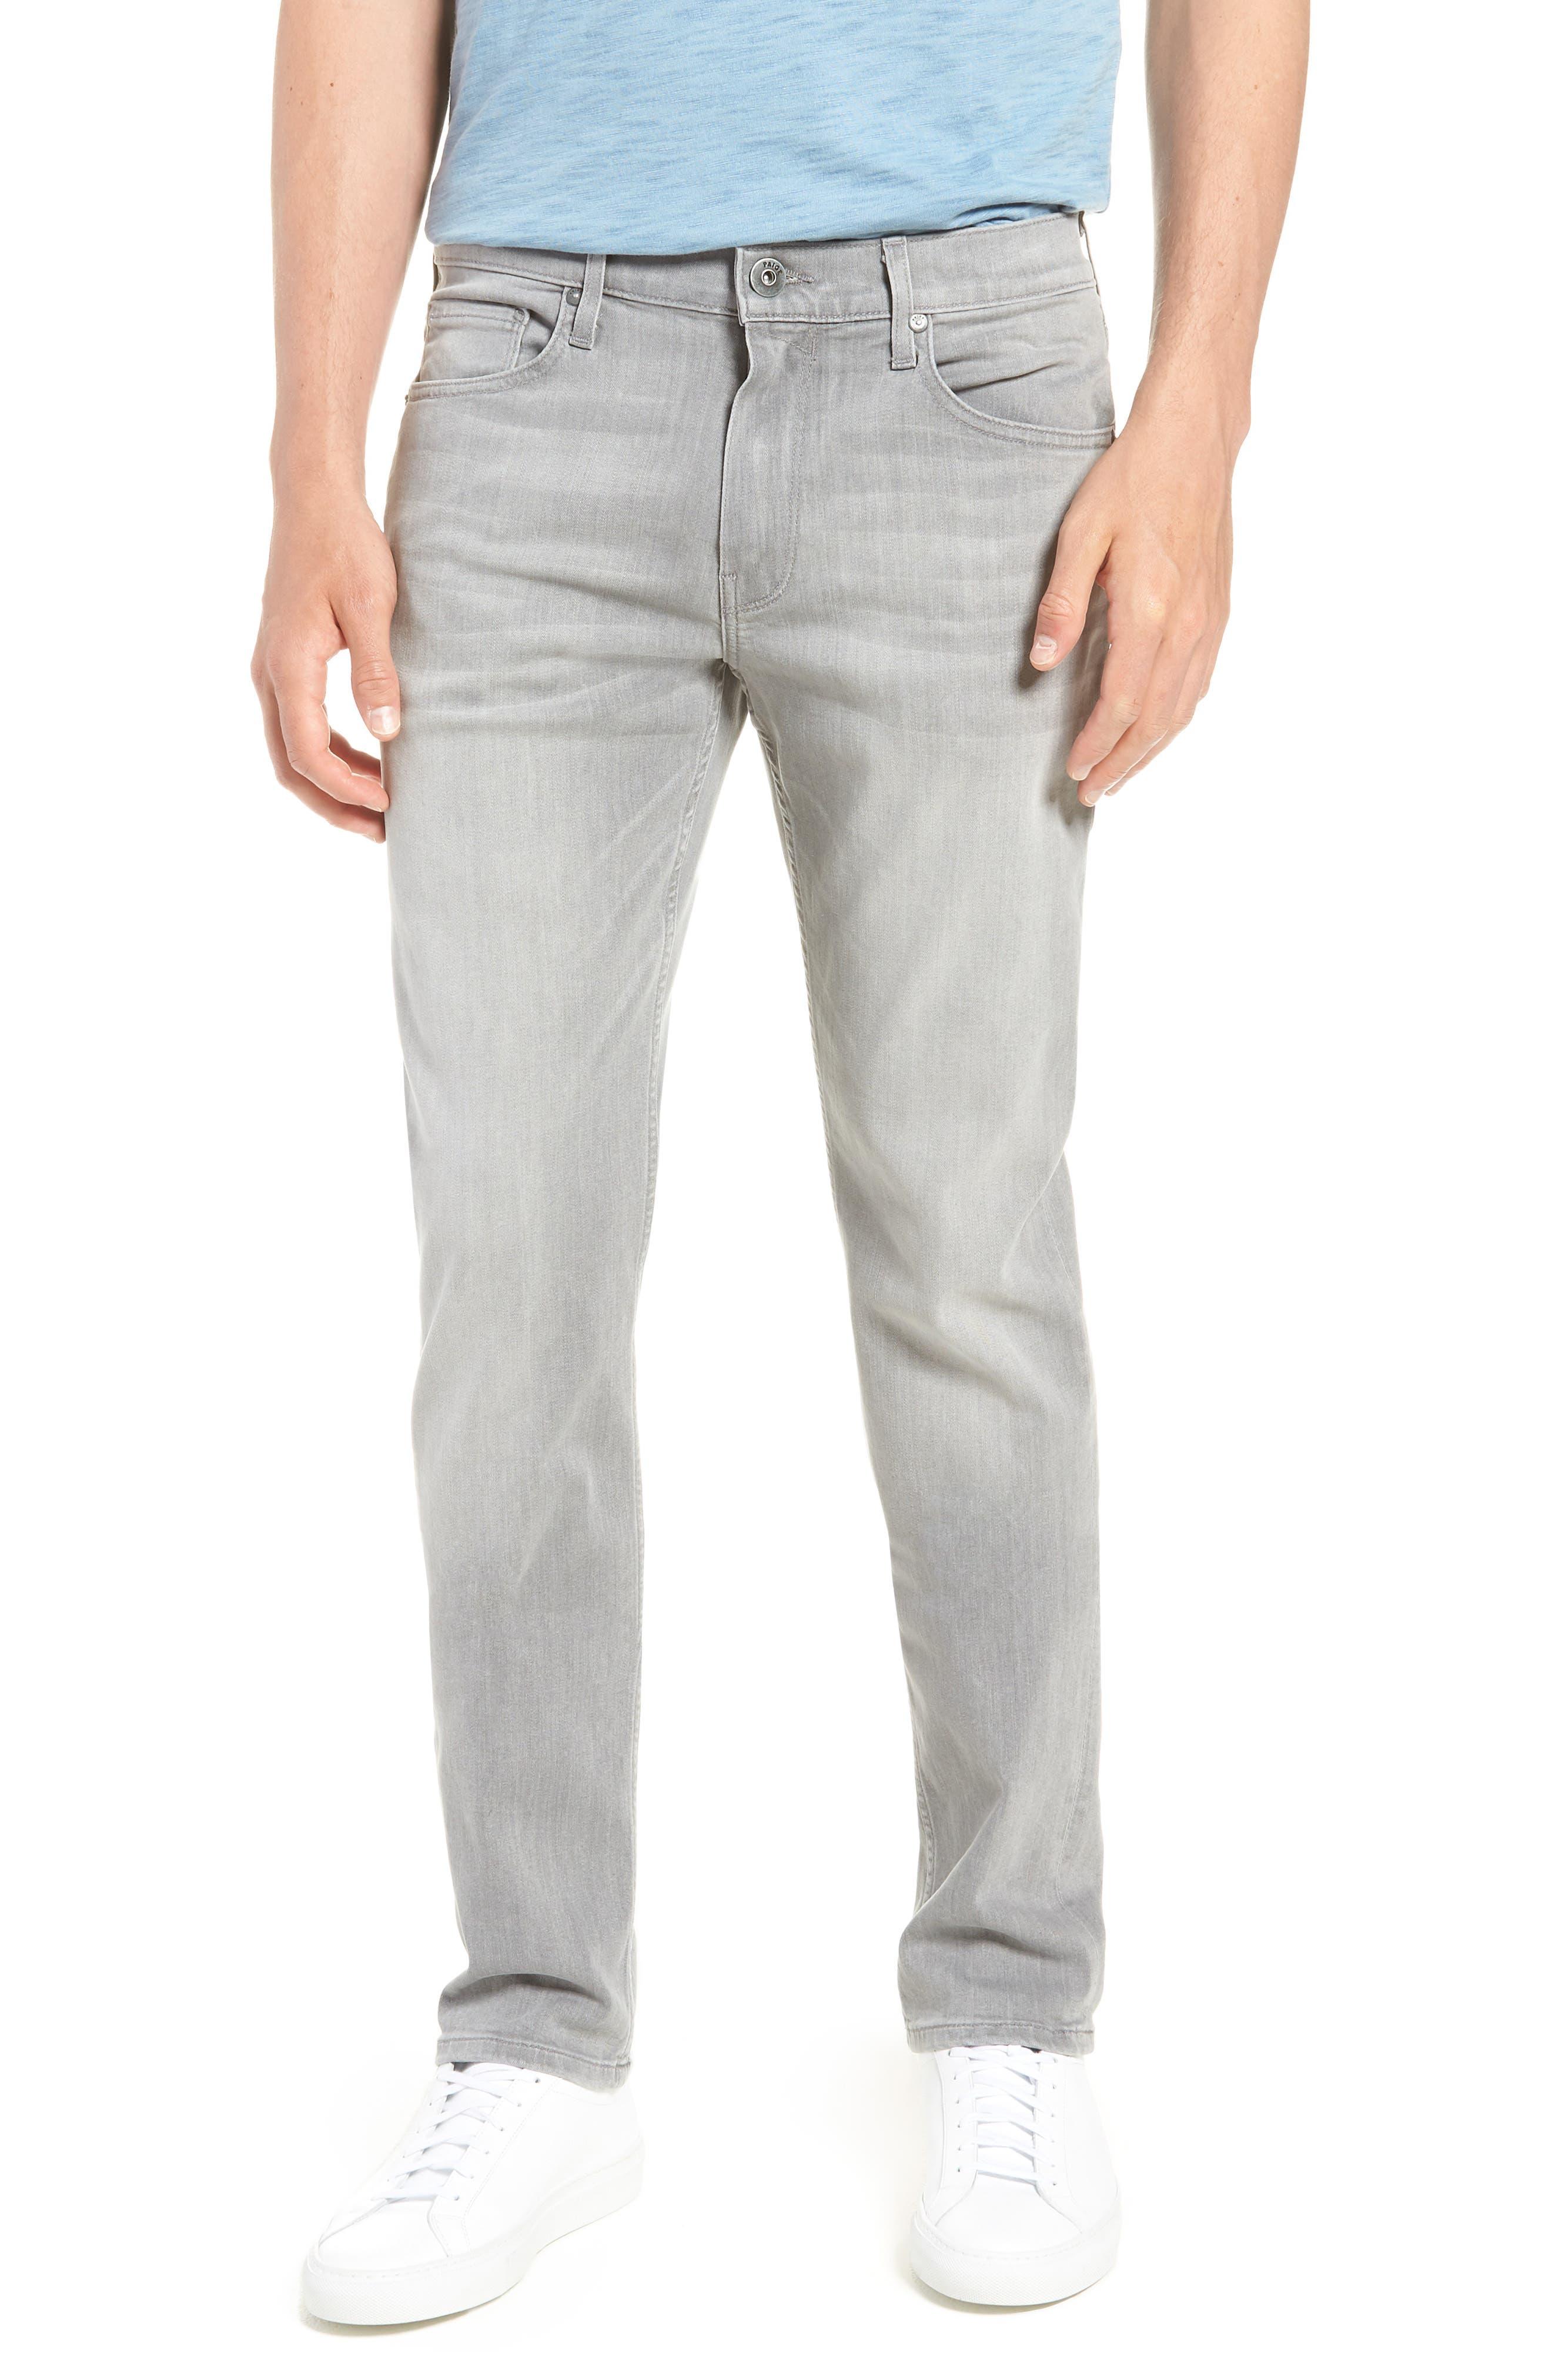 Transcend - Lennox Slim Fit Jeans,                             Main thumbnail 1, color,                             Mannor